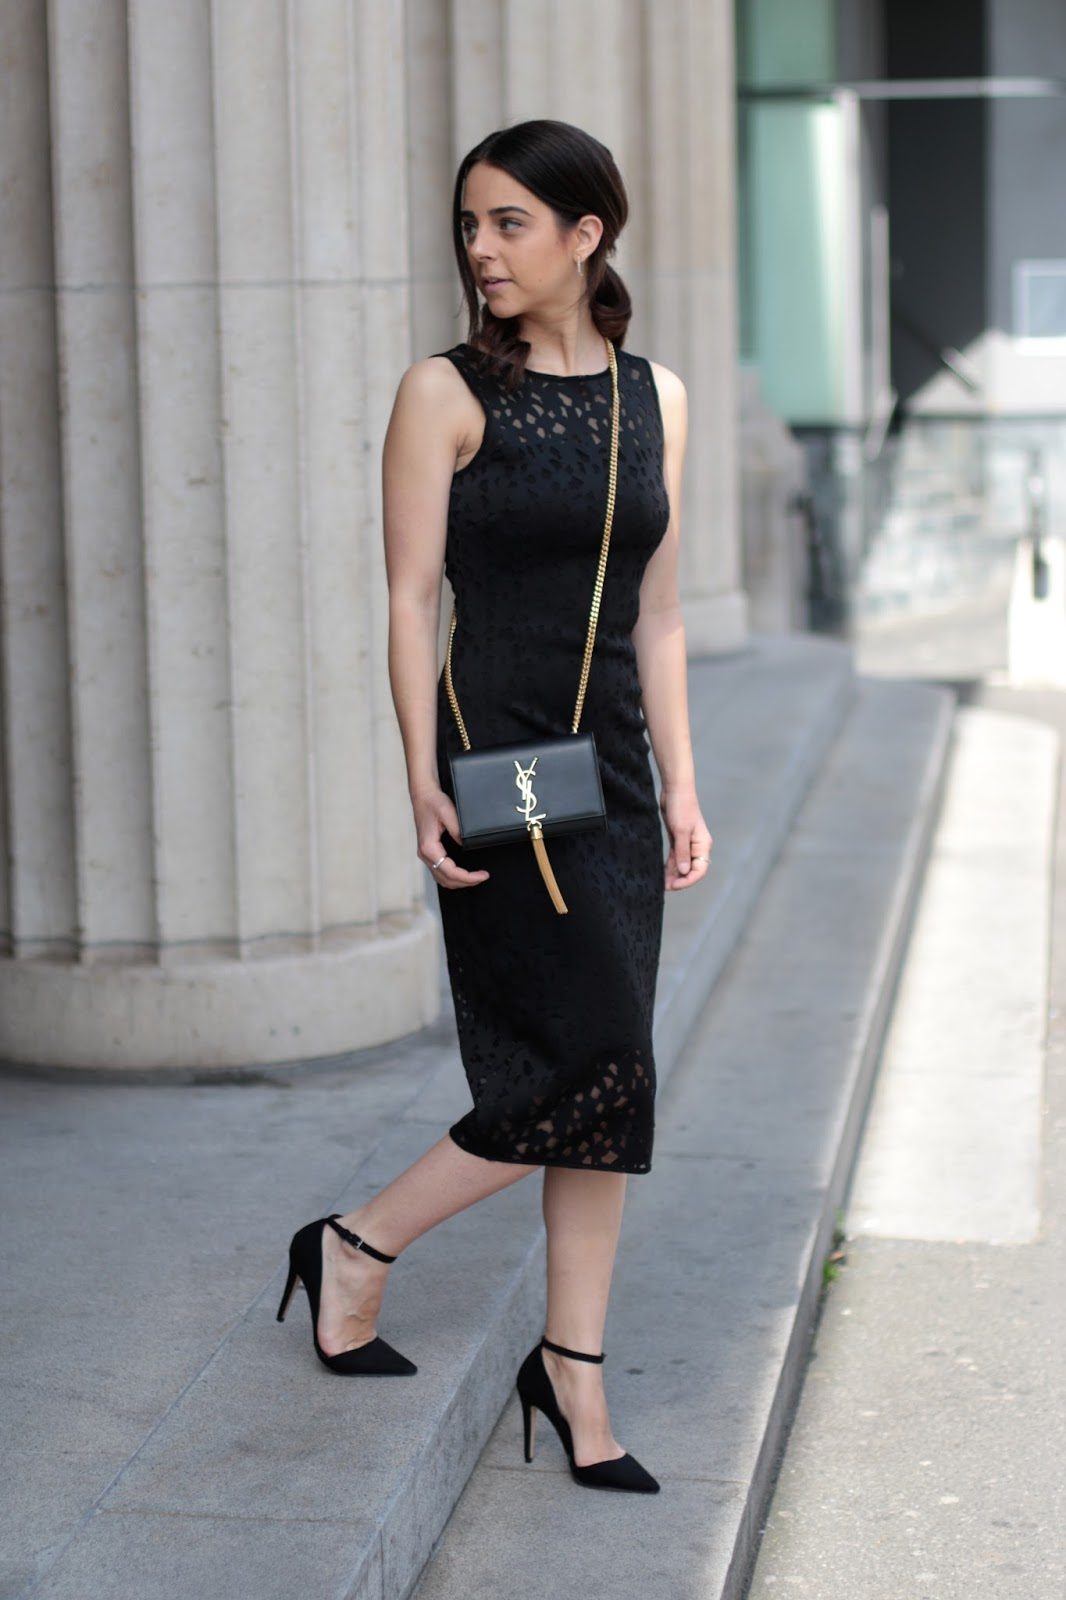 Black dress comments - The Risky Little Black Dress